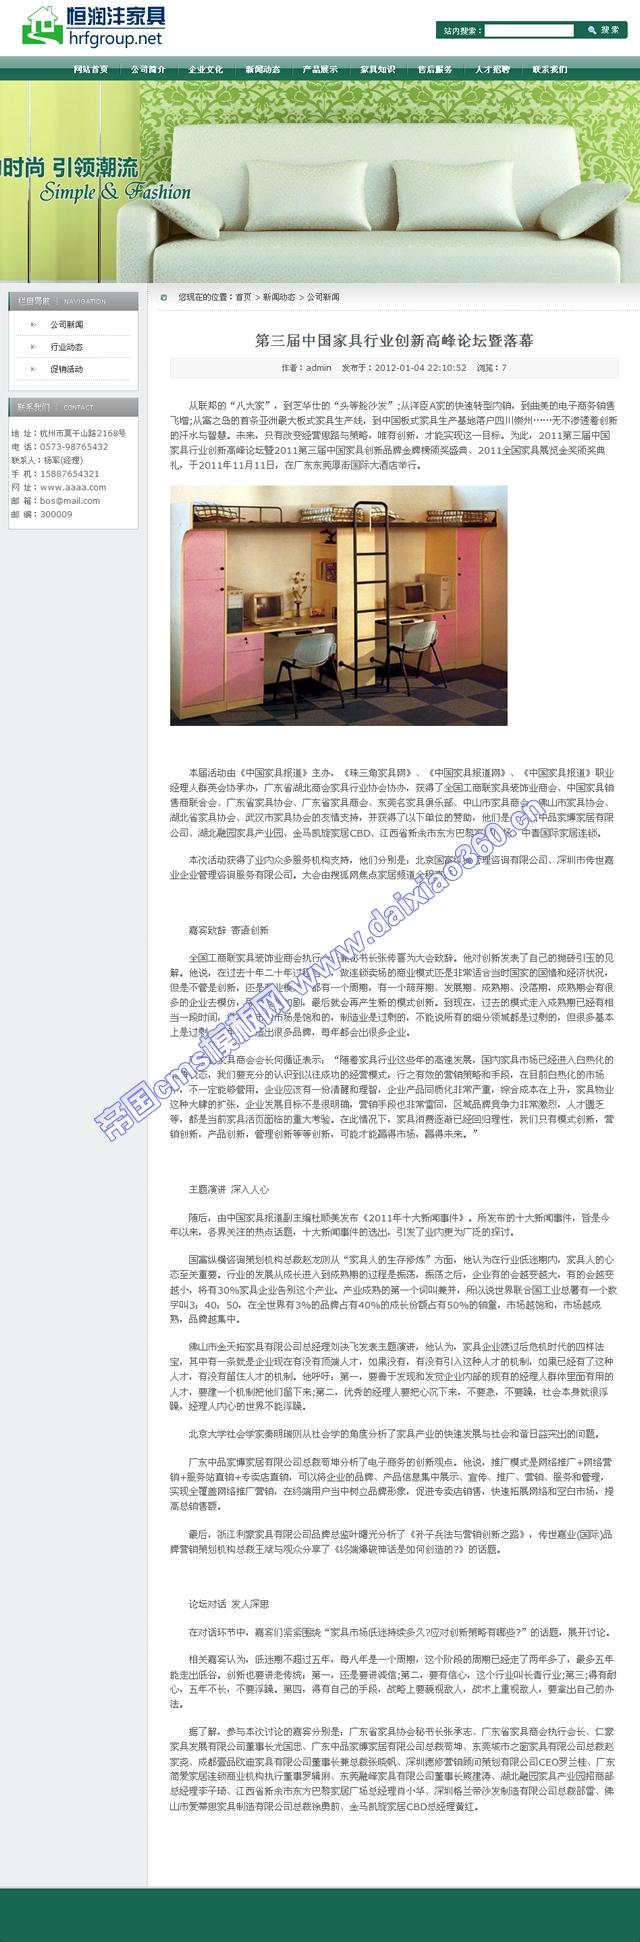 帝国cms绿色家具企业模板_新闻内容